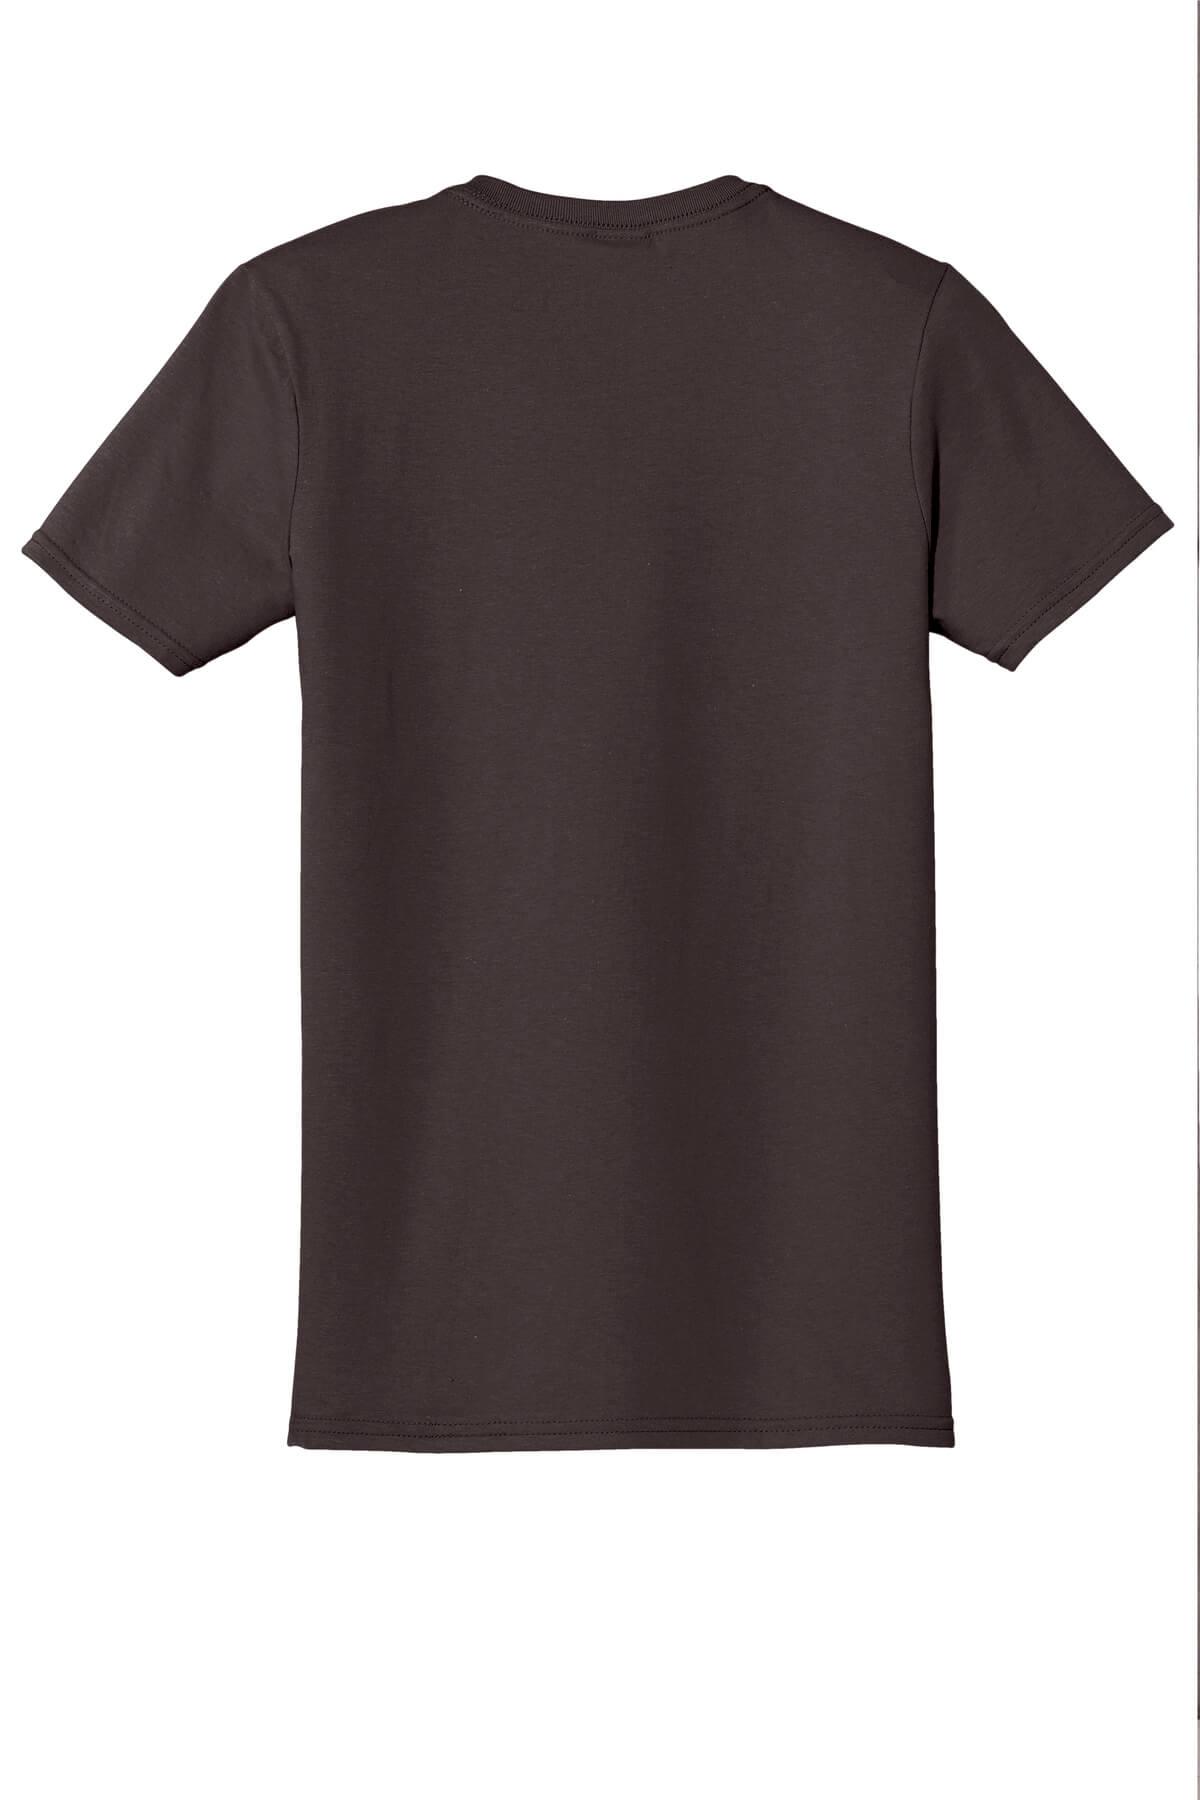 Dark Chocolate T-Shirt Back